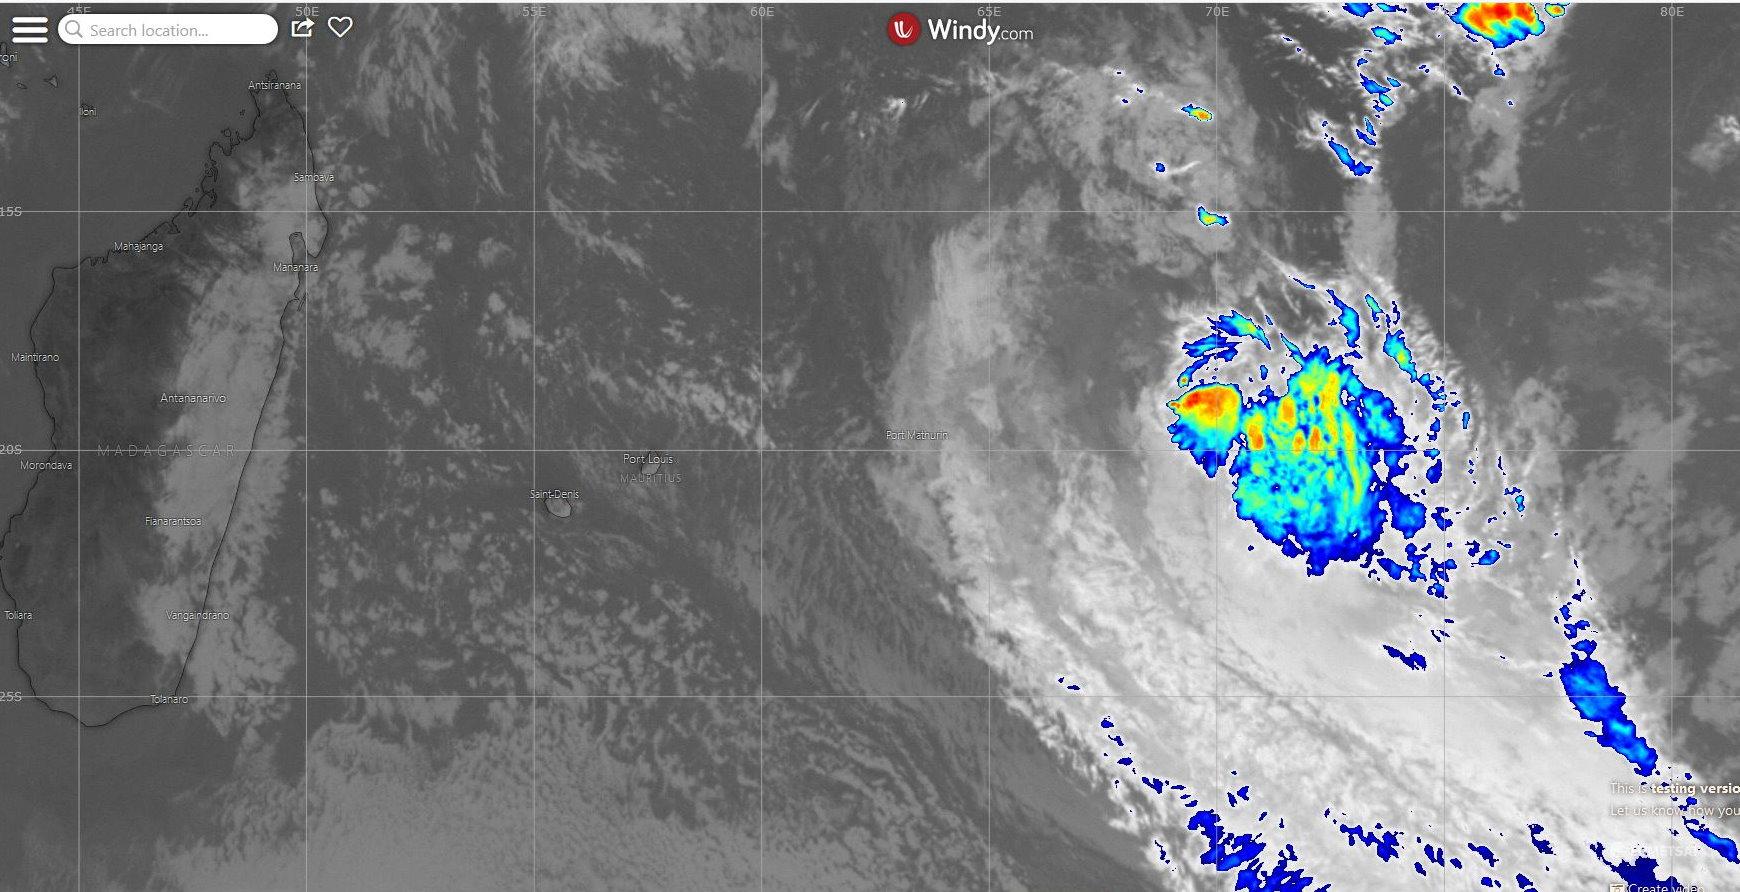 01/96S capturé ce matin à 11h par le satellite Météosat. La convection est mal organisée et s'étend loin au sud du centre qui est mal défini.